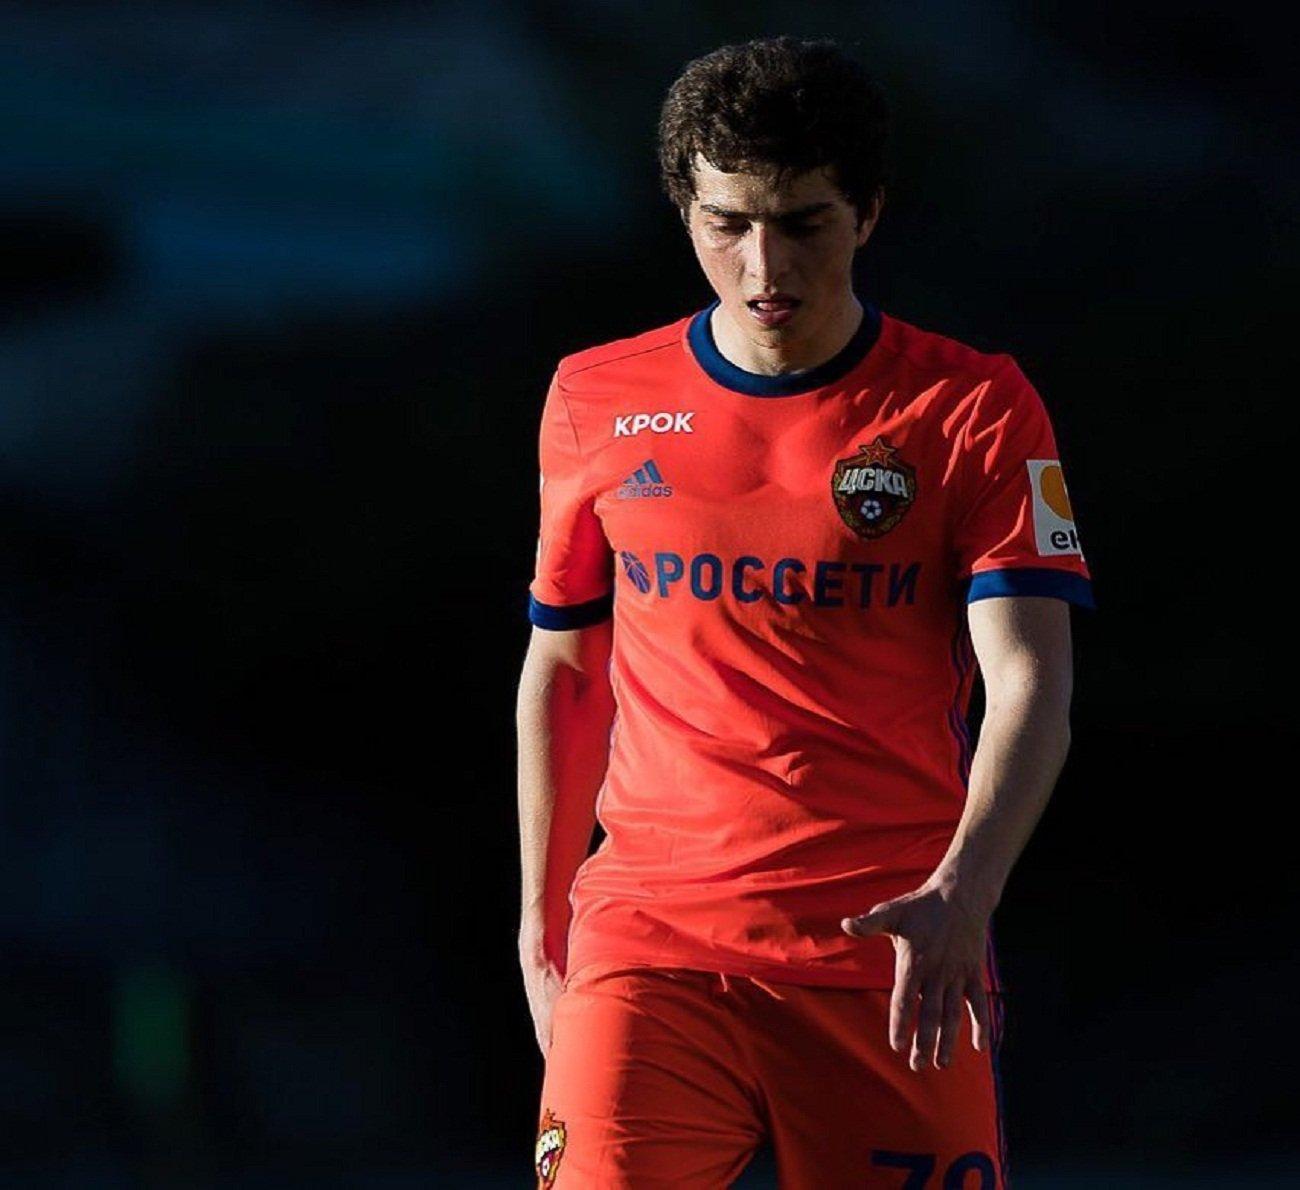 ЦСКА: Гордюшенко перенёс операцию ипропустит остаток сезона